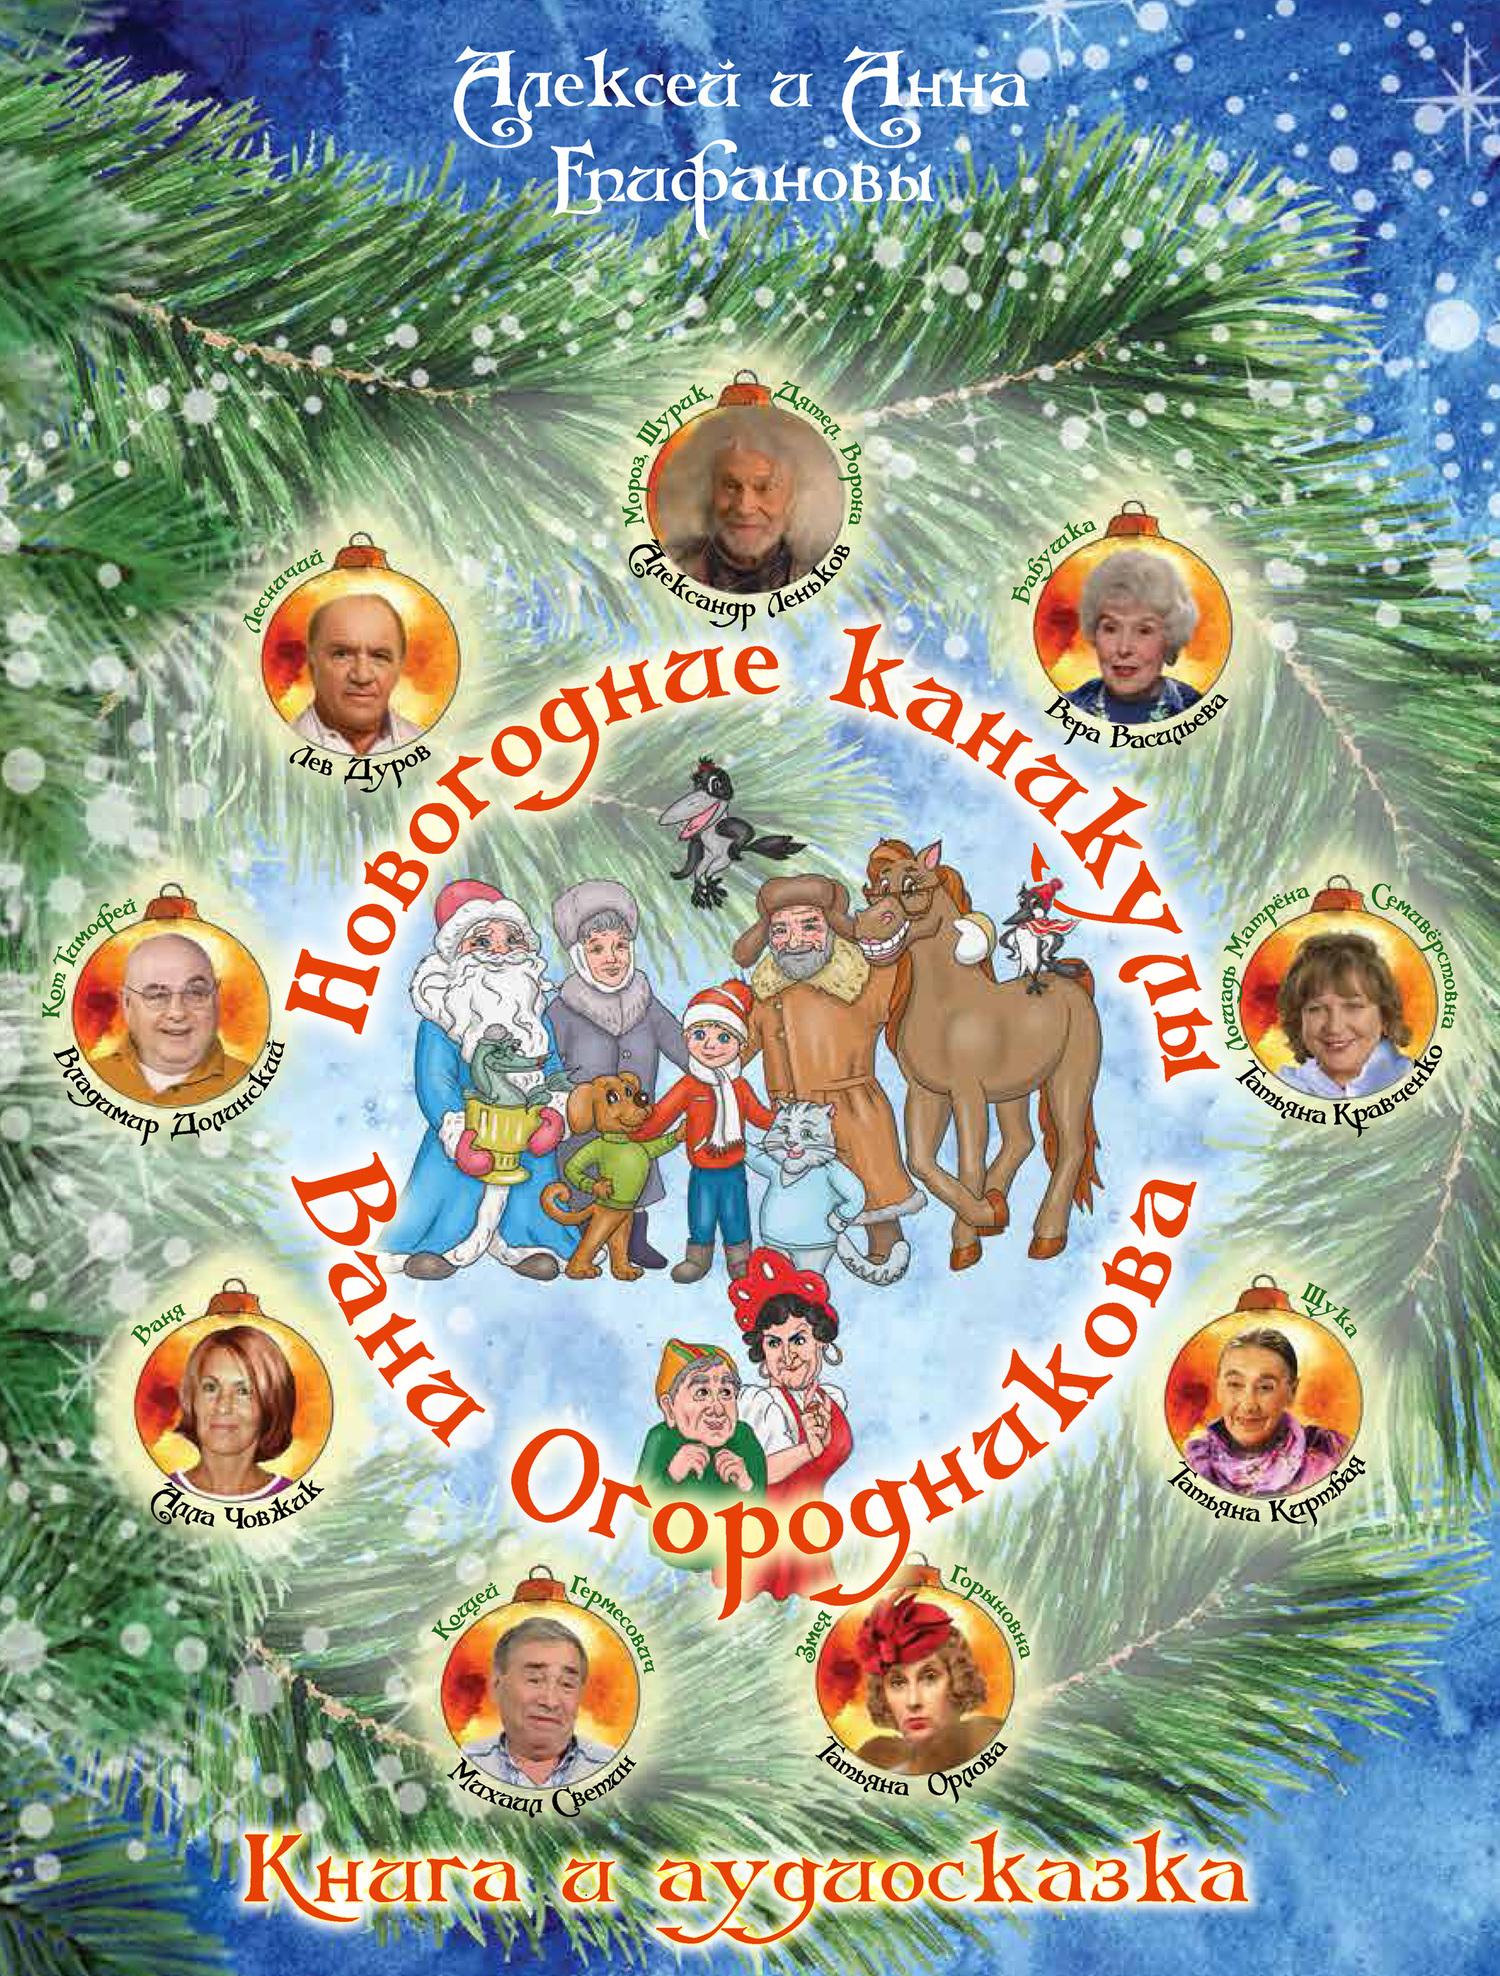 купить Алексей Епифанов Новогодние каникулы Вани Огородникова по цене 200 рублей